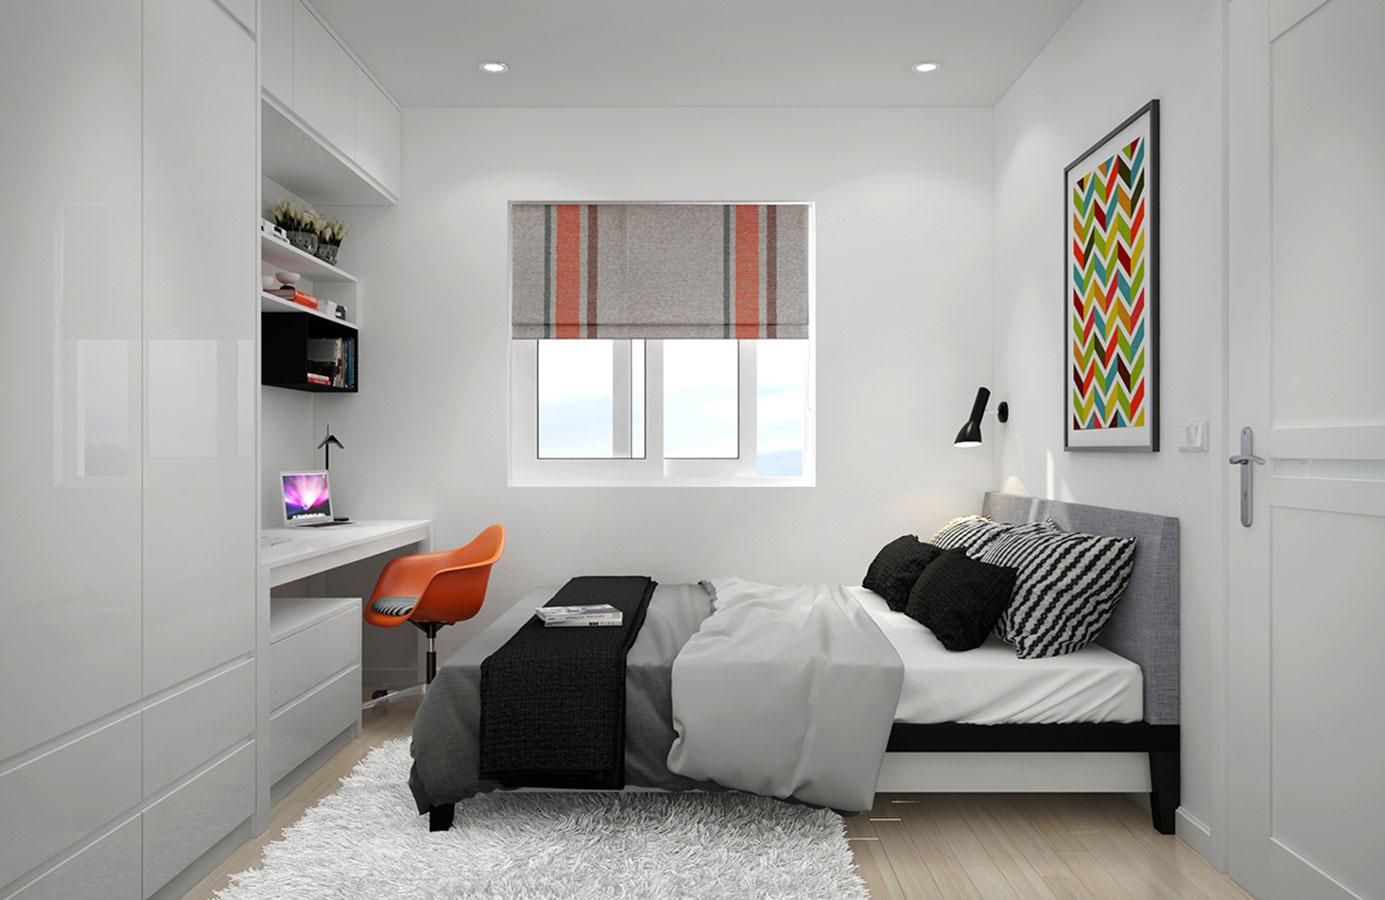 Dizajn často pracuje nielen s vizuálnou, ale i s dotykovou stránkou. Pri interiéroch inšpirovaných severom často možno vidieť, že si na to vybrali prirodzenú drsnosť materiálu v surovom stave. Tu sa však išlo opačnou cestou – mäkký koberec ešte zjemňuje črty spálne, v ktorej je inak využitá ďalšia variácia čiernobielo-oranžového princípu.